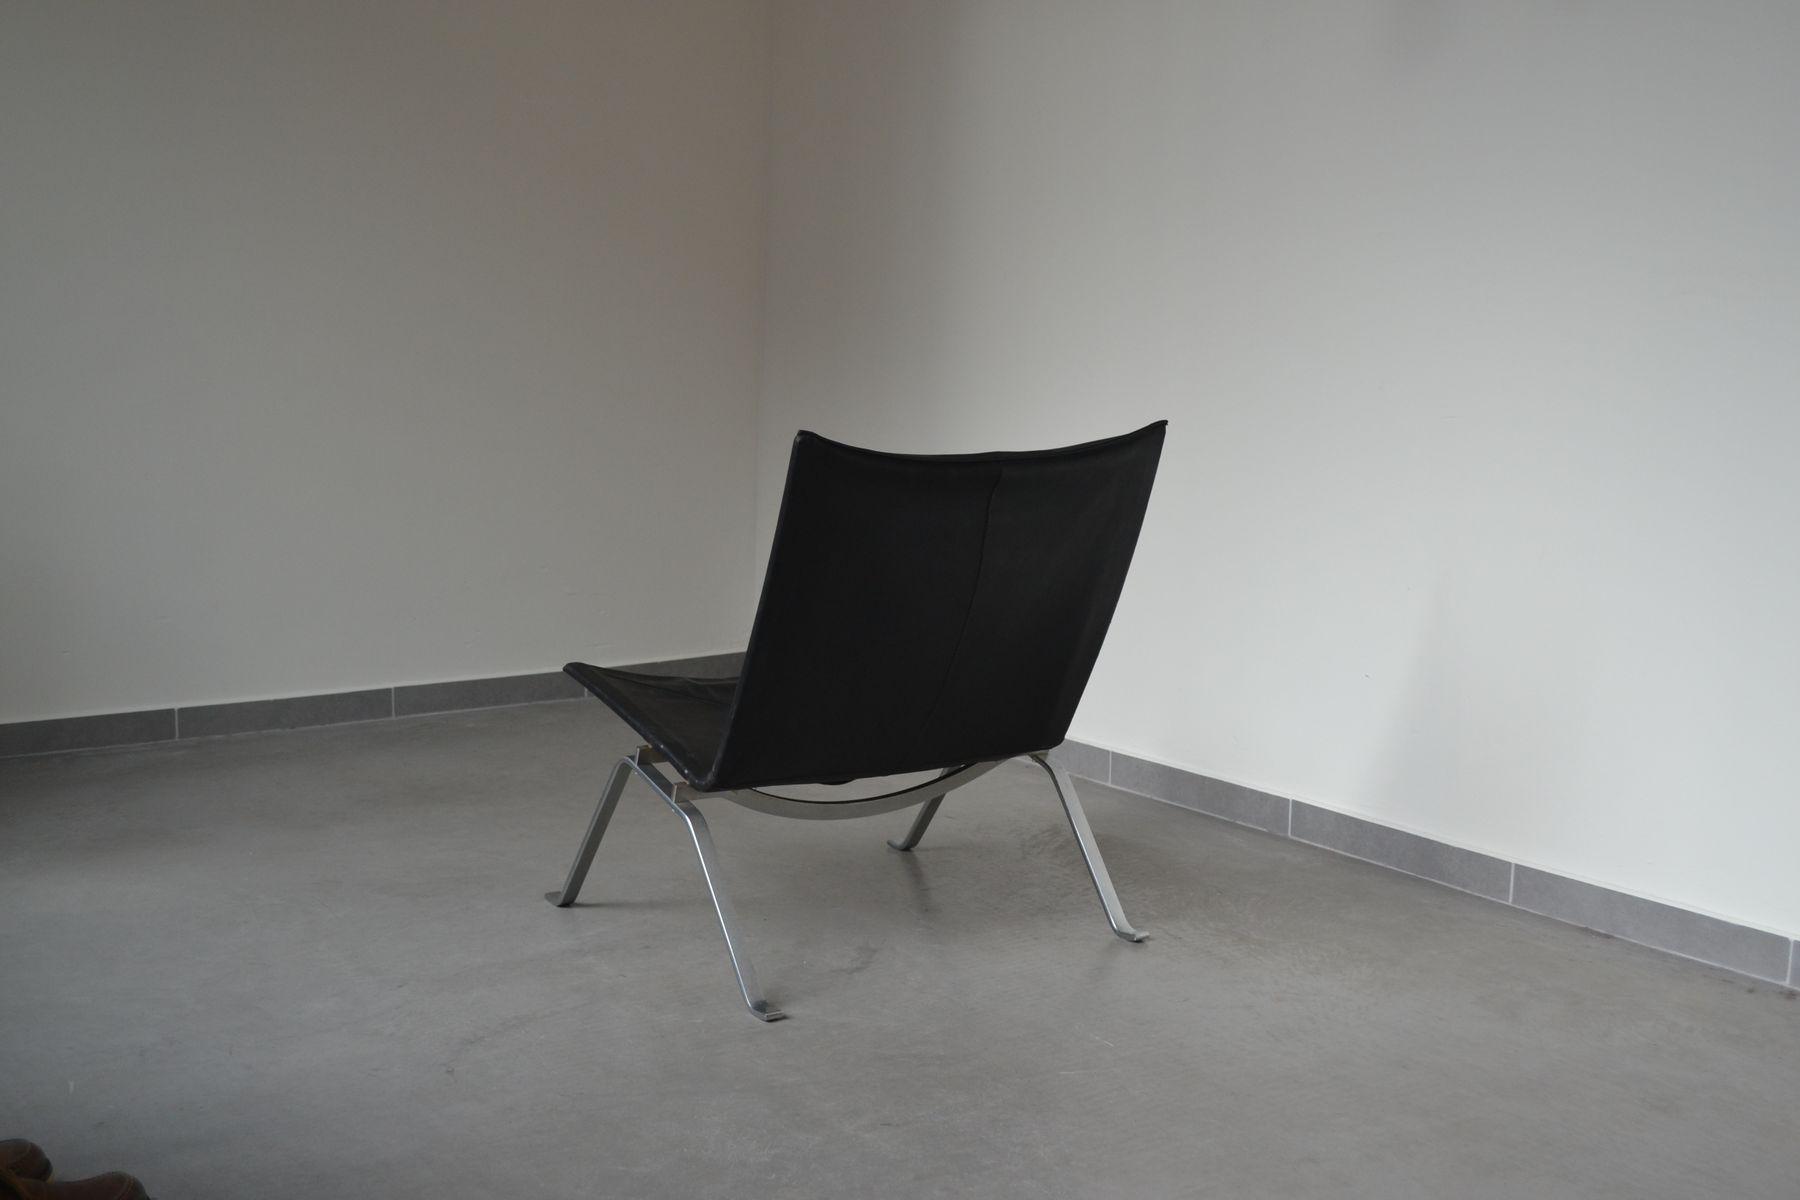 PK22 Easy Chair By Poul Kjaerholm For E. Kold Christensen, 1956